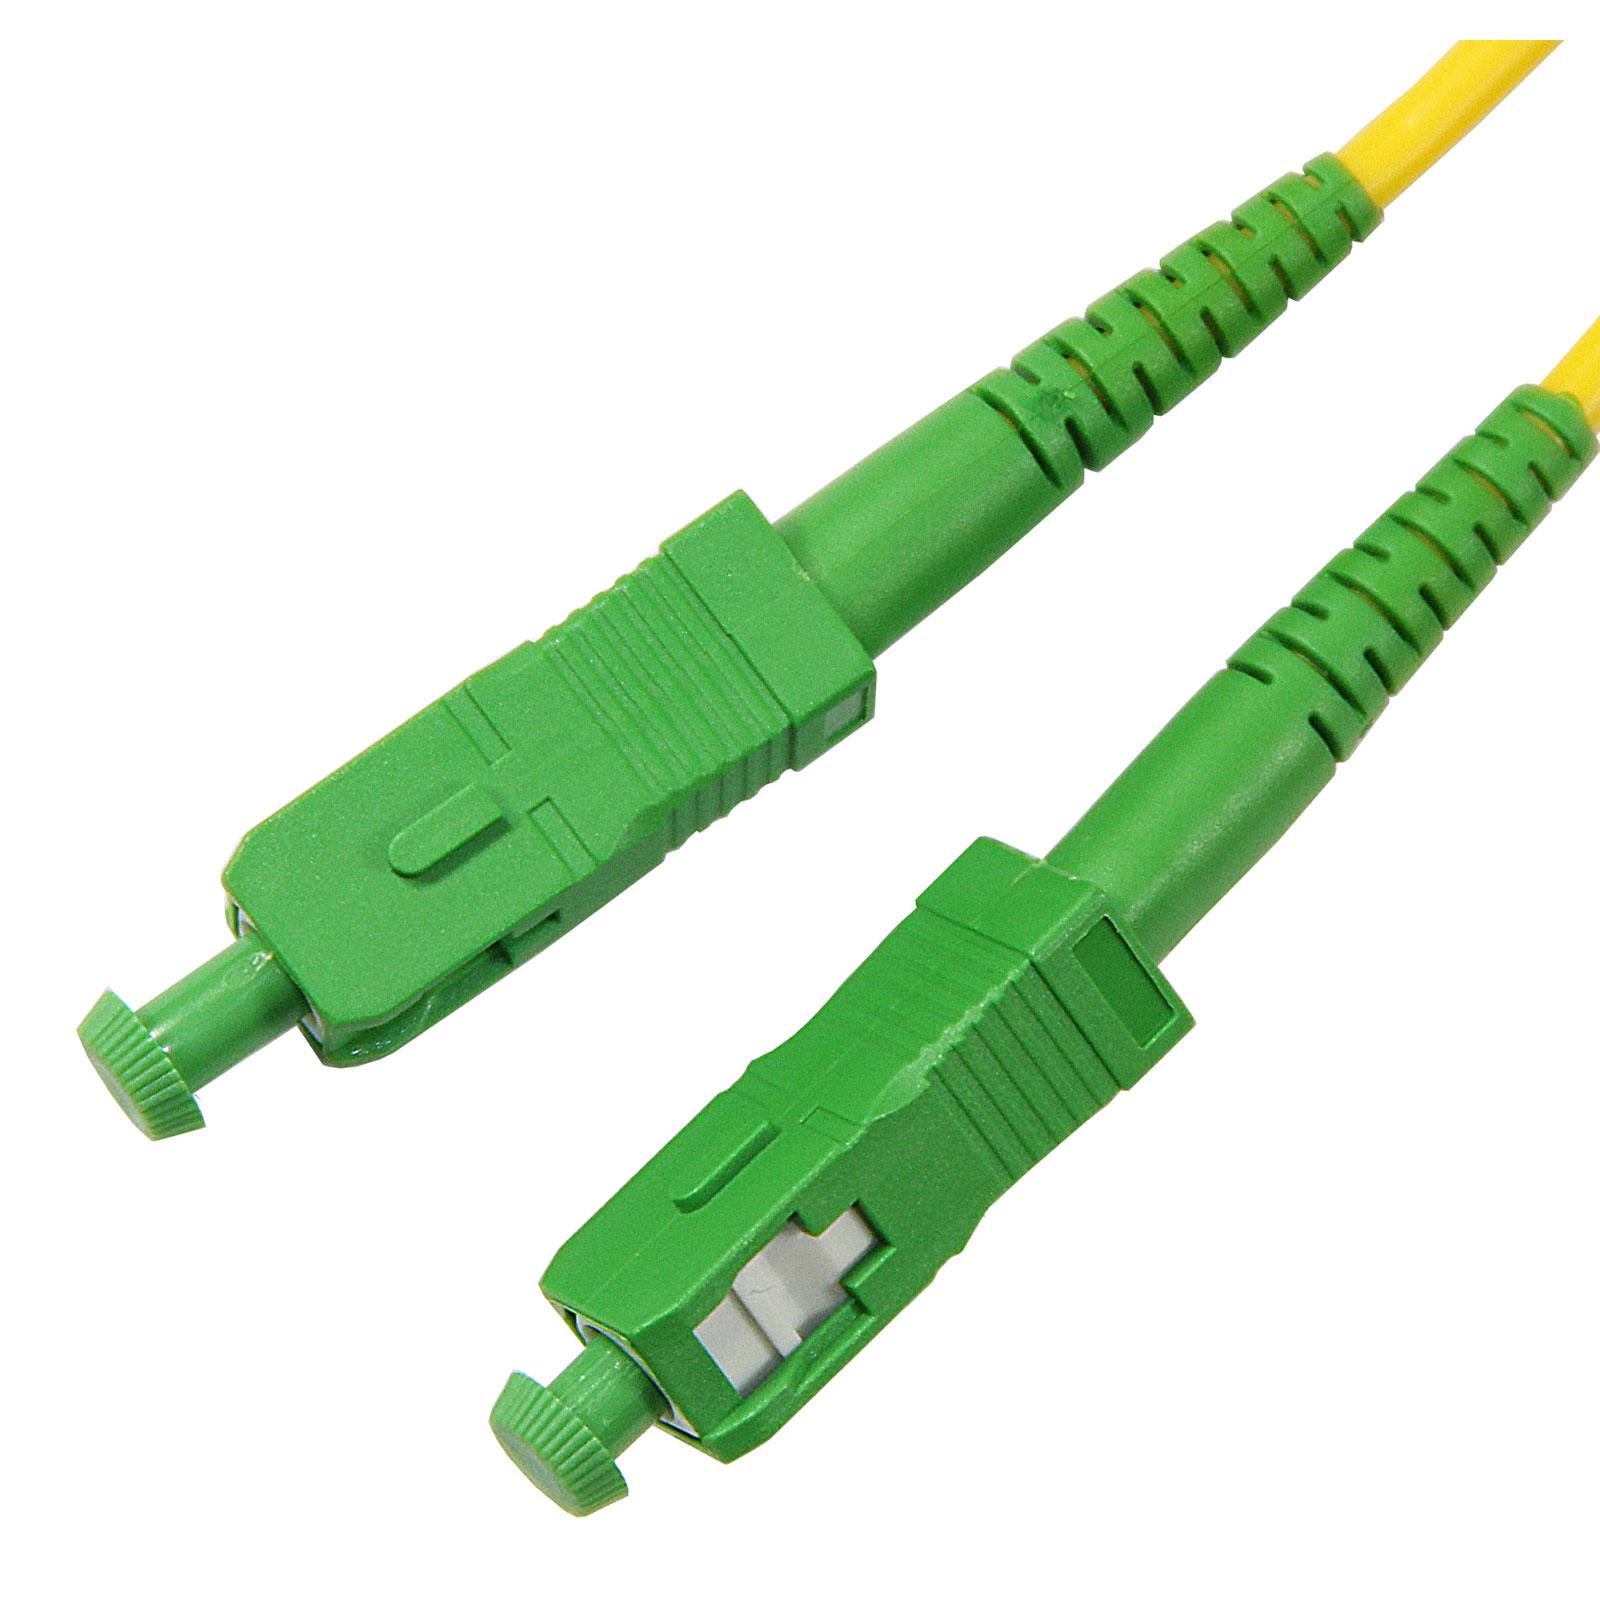 Jarretiere Optique Simplex Monomode 9 125 Sc Apc Sc Apc 3 Metres N A Achat Cables Fibre Optique Generique Pour Professionnels Sur Ldlc Pro